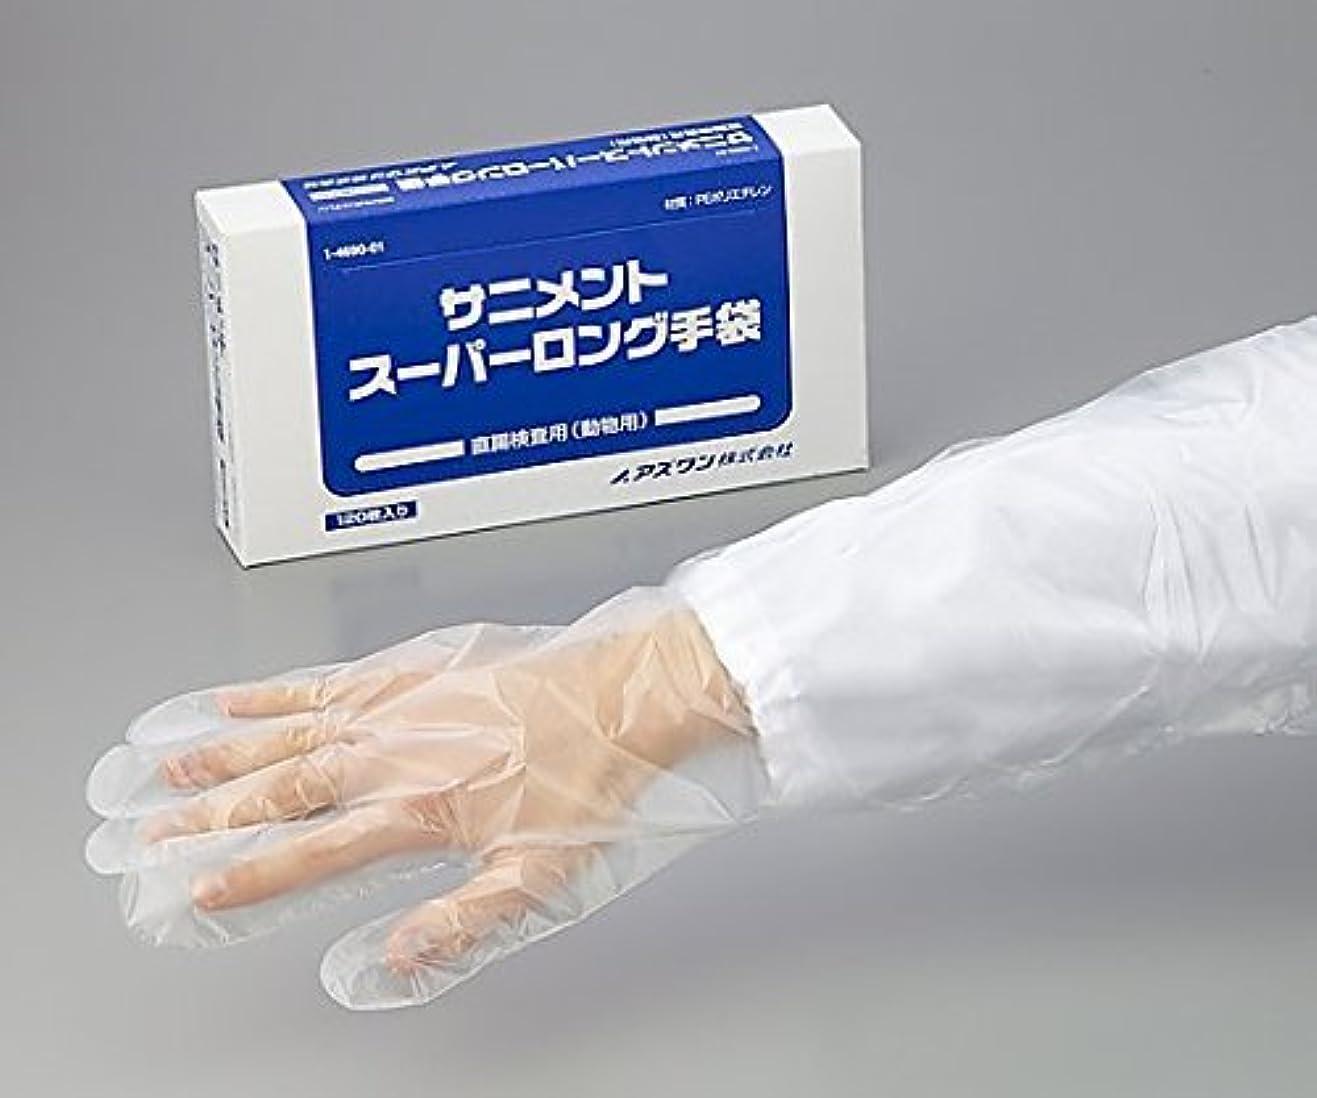 達成するブースト時間アズワン1-4690-01サニメントスーパーロング手袋120枚入り